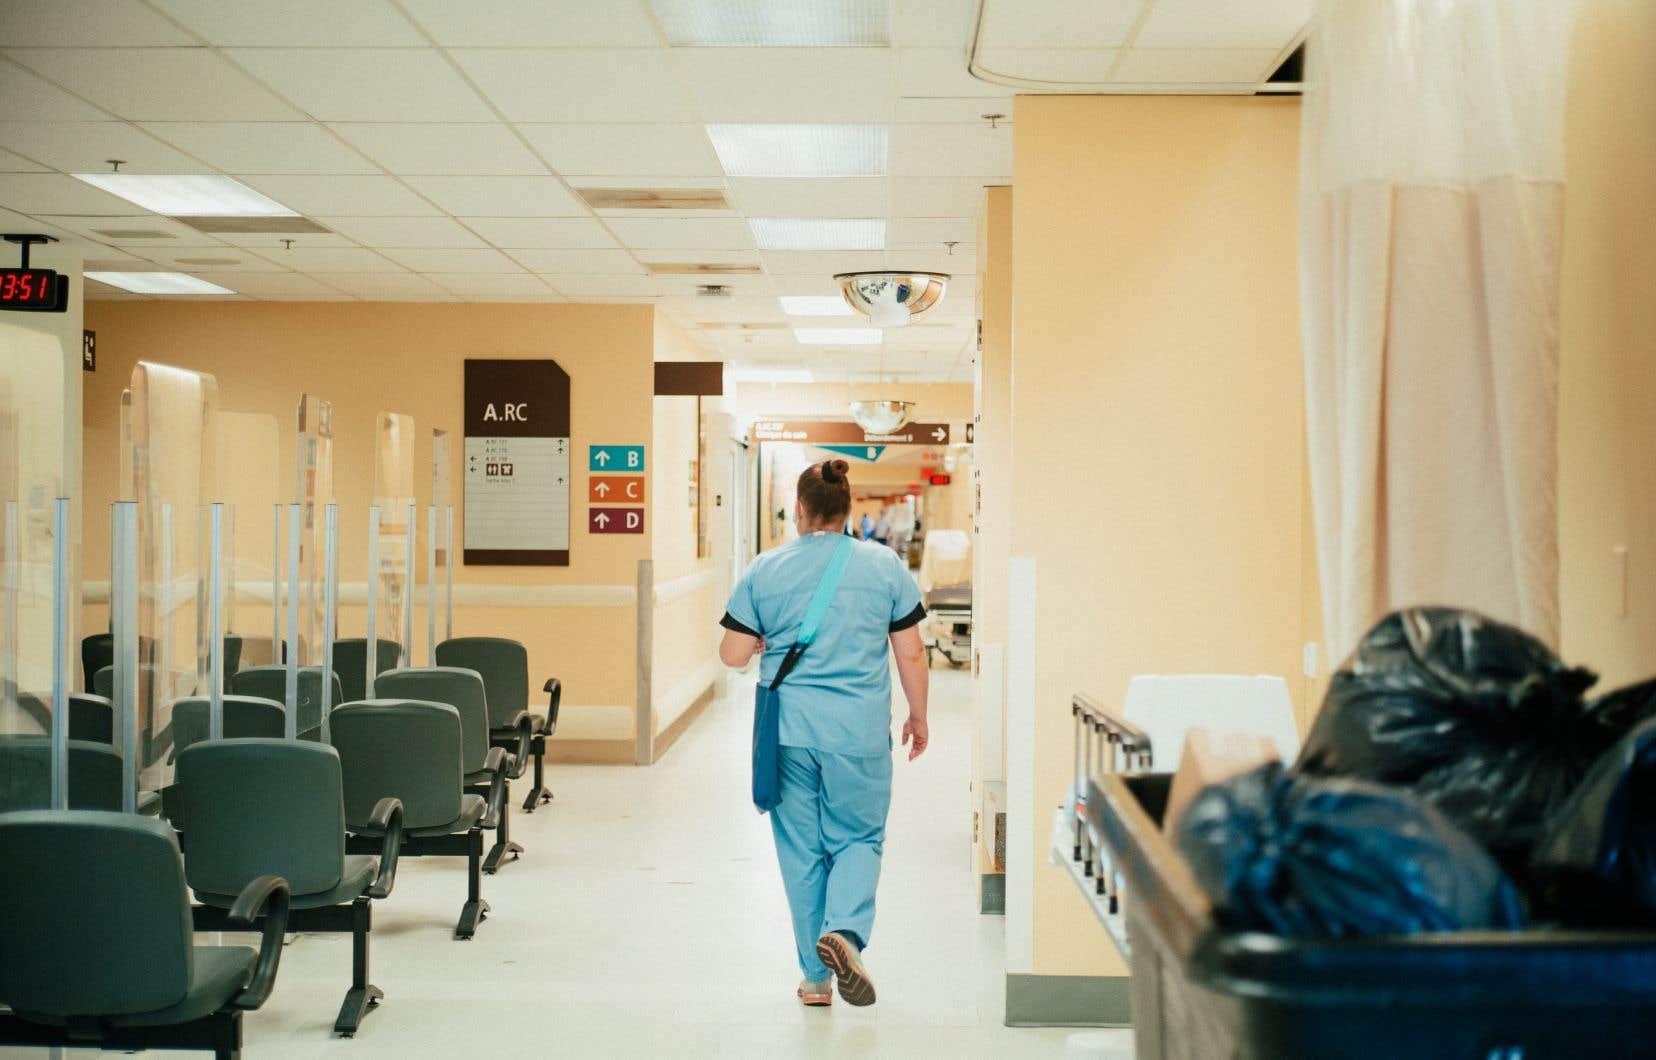 Ailleurs au Québec, 90% des diplômées en sciences infirmières travaillent dans leur région d'origine, mais en Outaouais, le taux est de 70%.